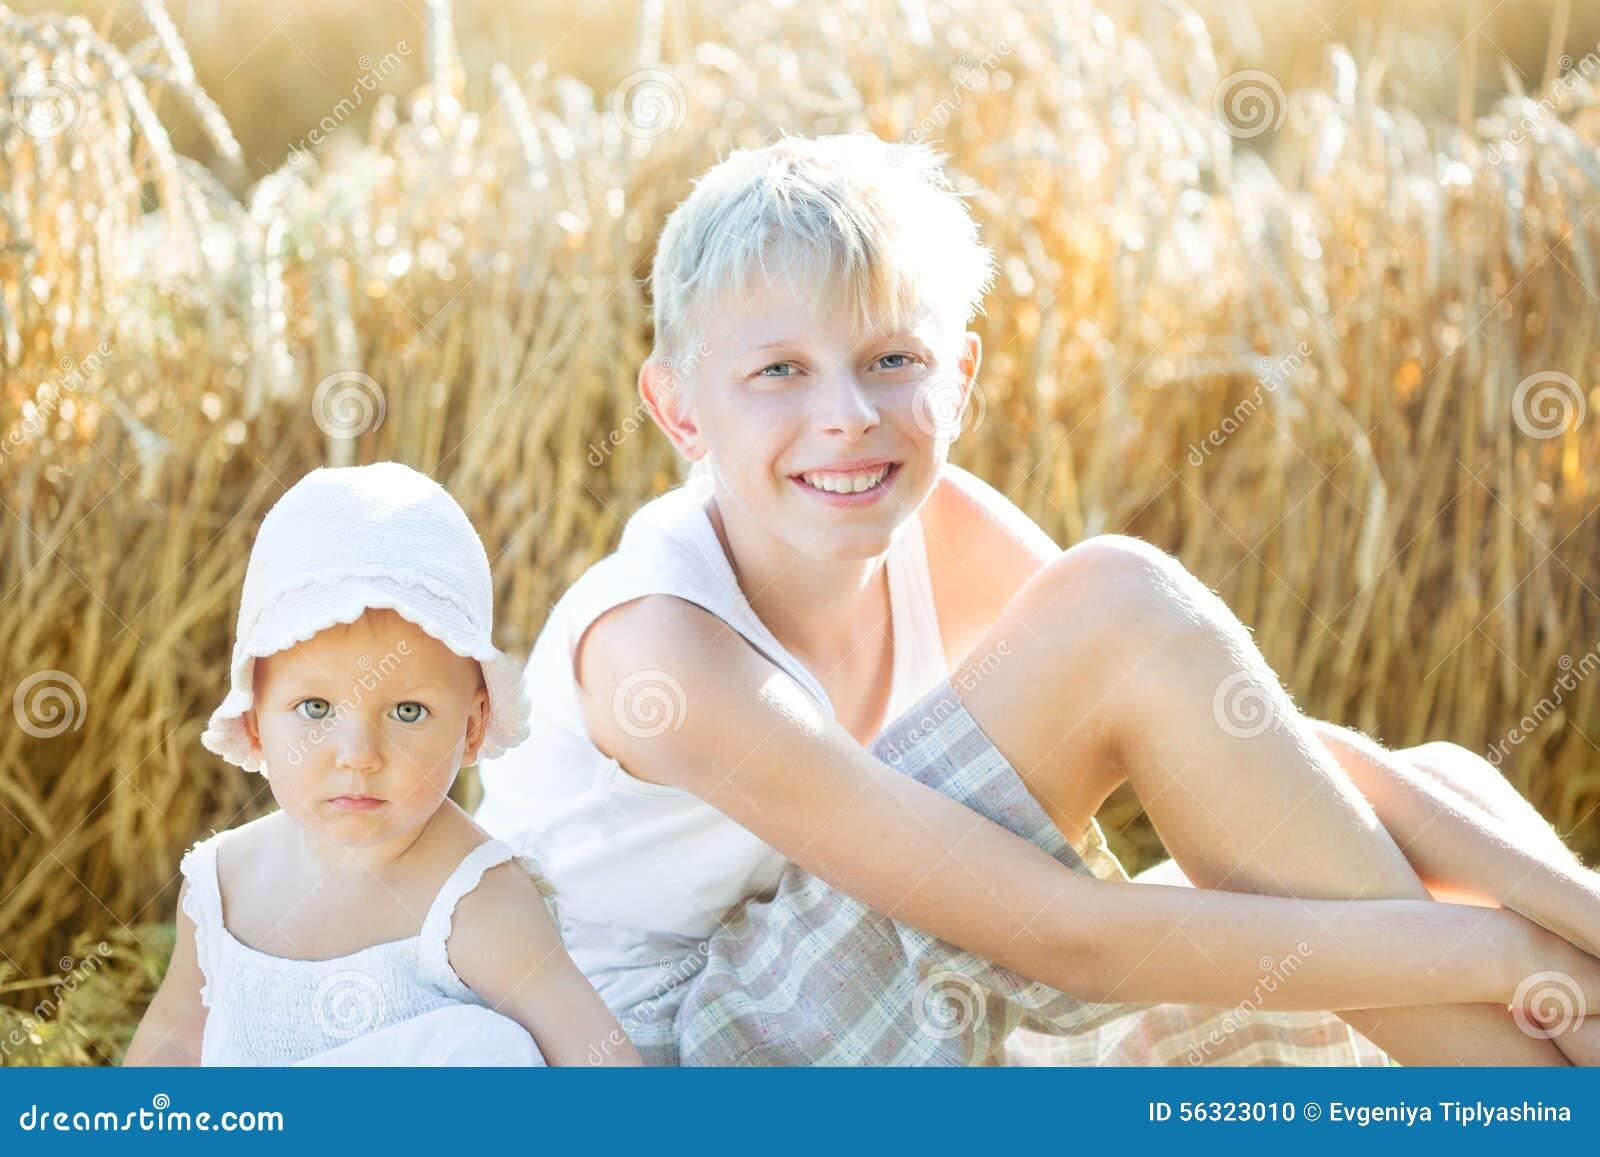 Kinderen op een tarwegebied